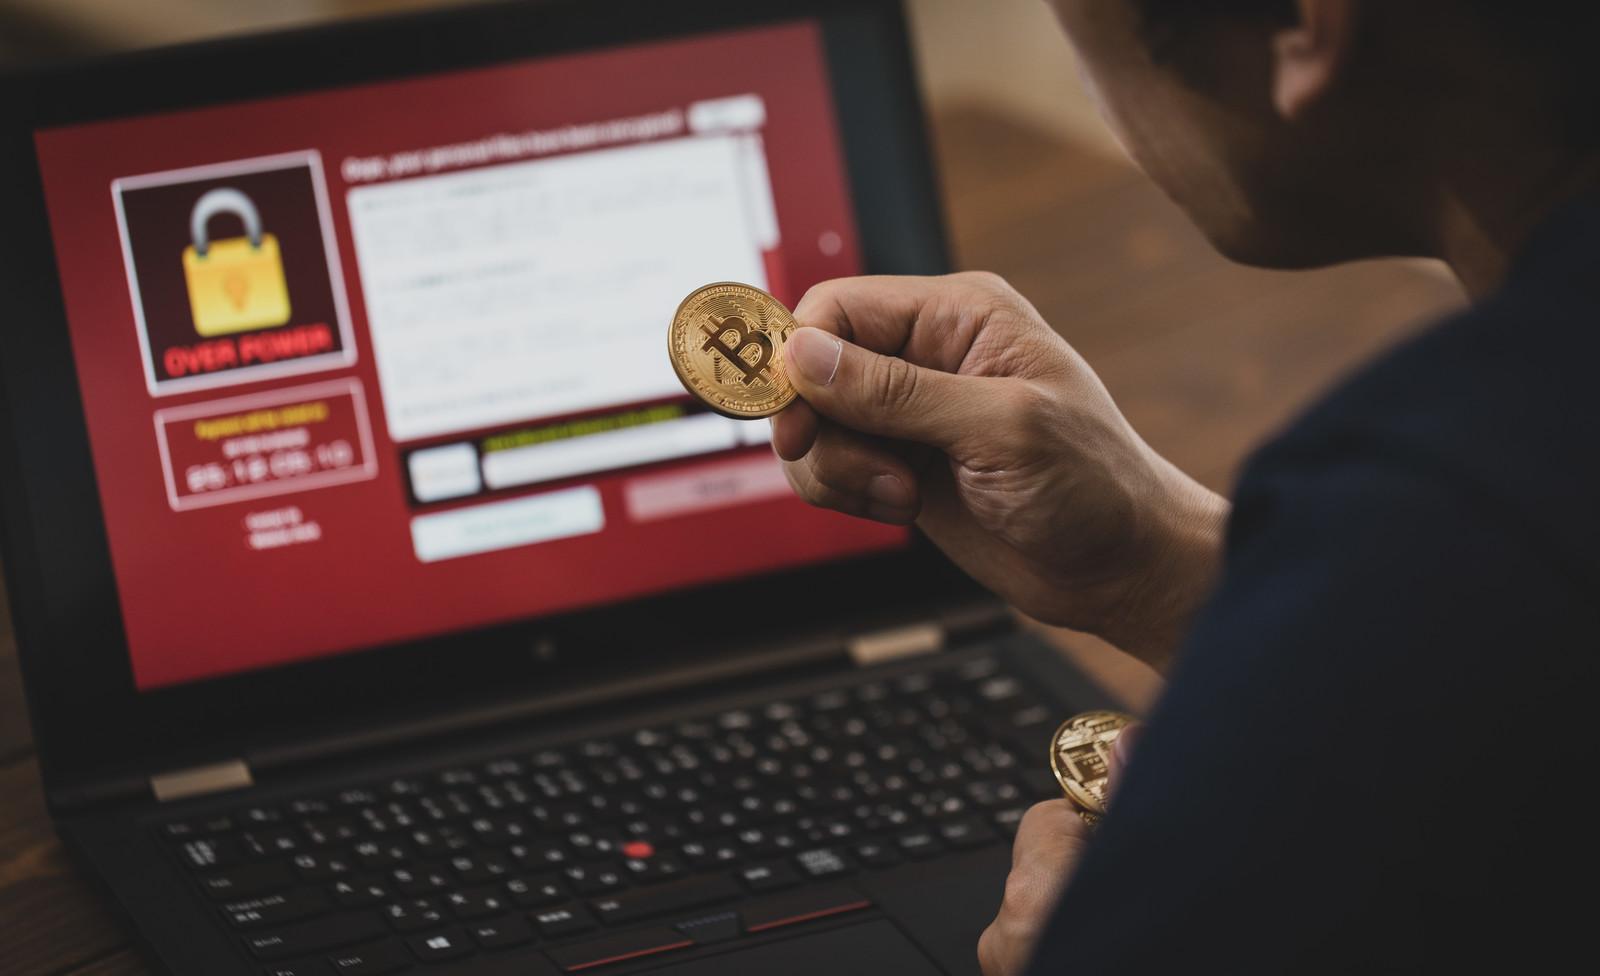 ビットコイン・バブルと11月15日近辺での分裂と今後の予想、ライトコインの将来性、悟コイン、ビットコインのアービトラージツールのイメージ画像